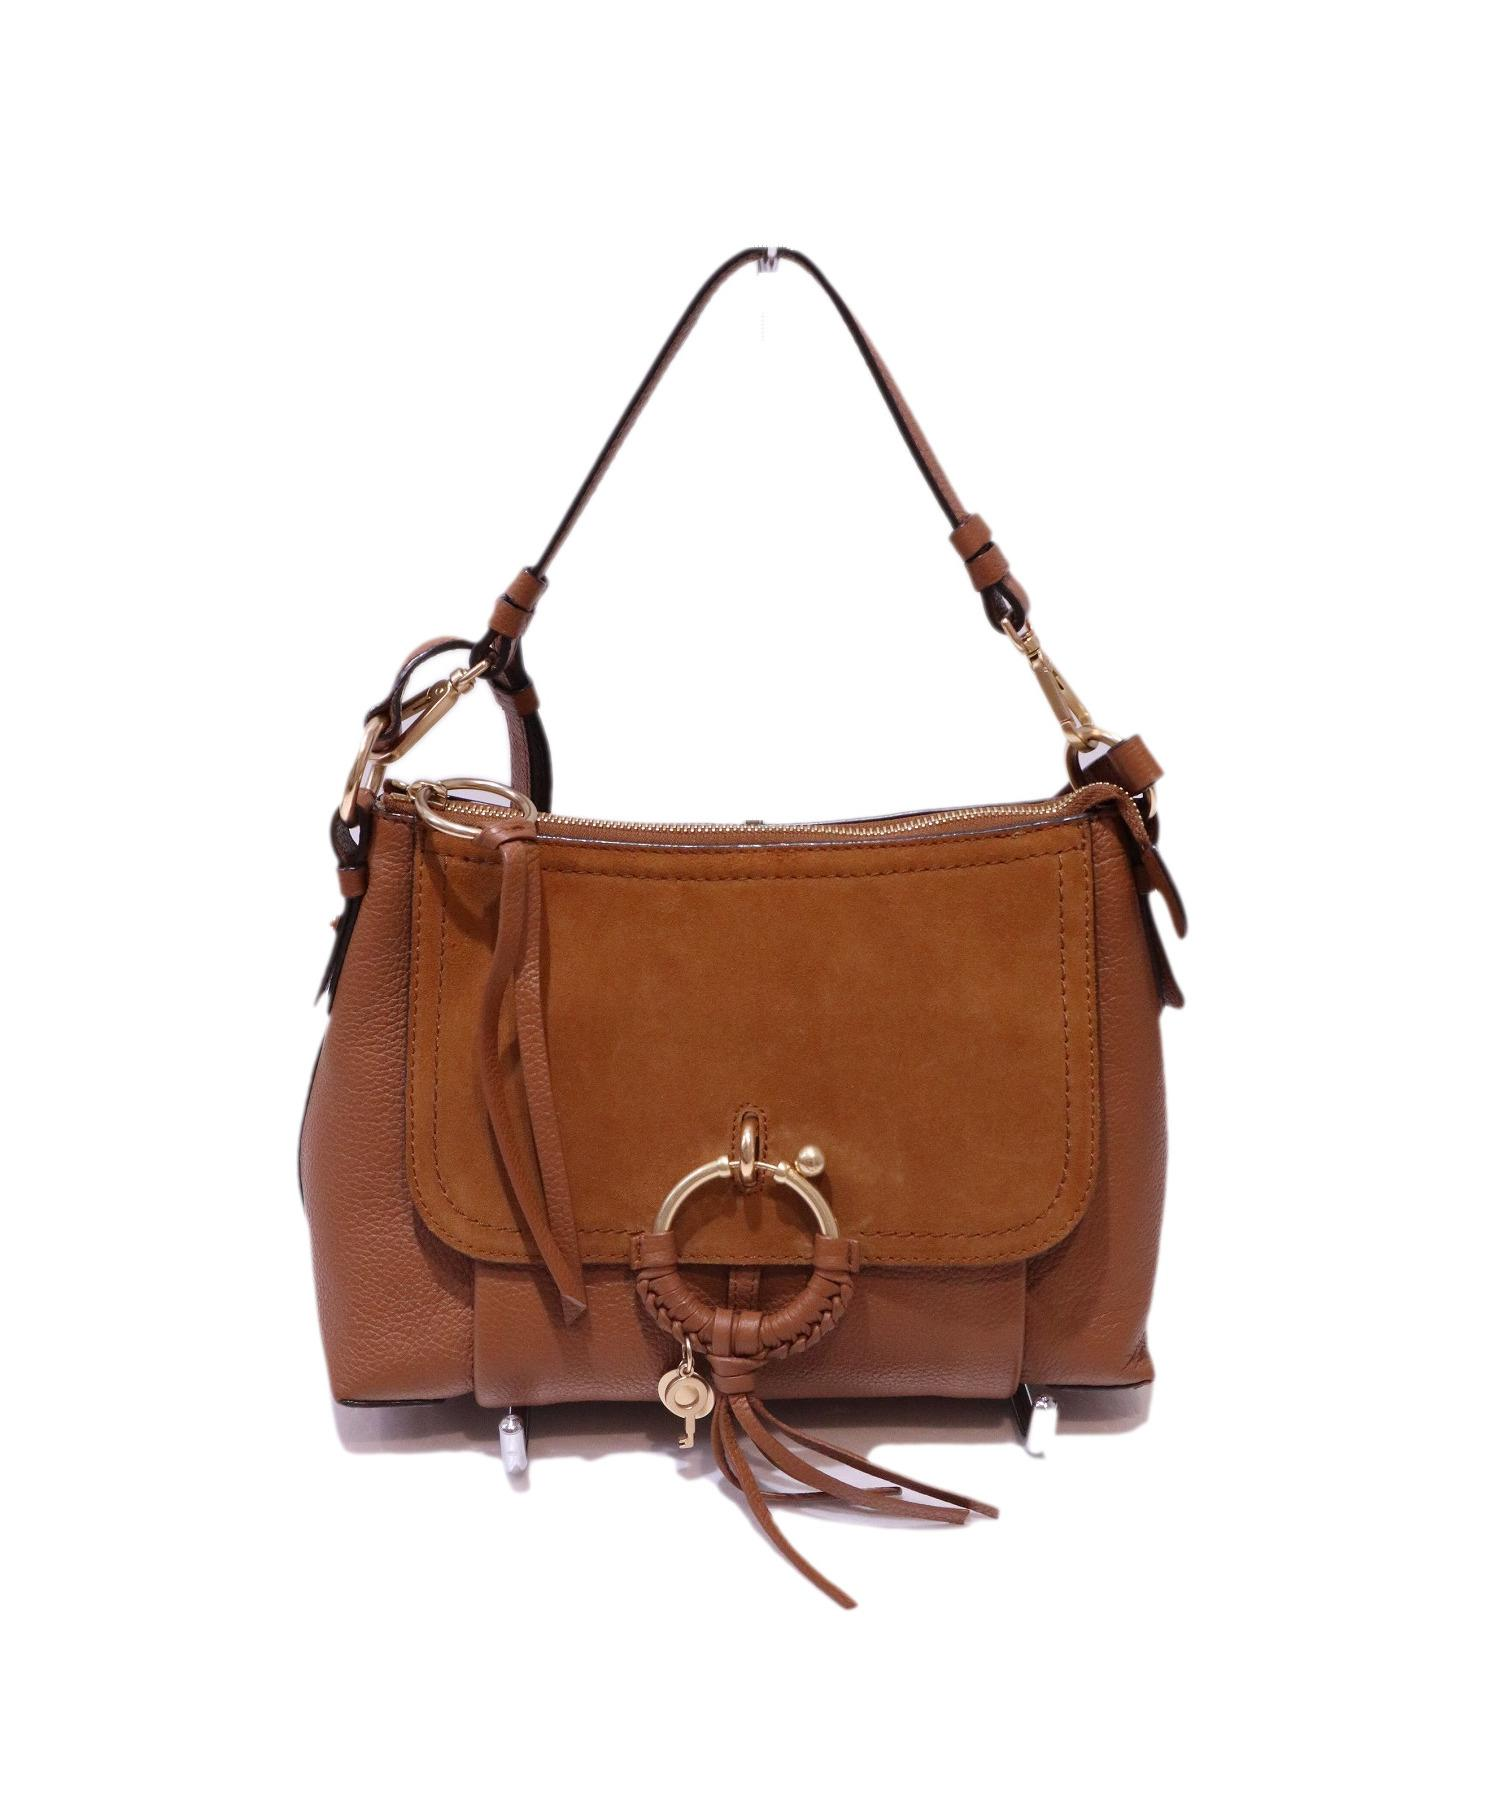 buy online 0ee7e fdd7f [中古]SEE BY CHLOE(シーバイクロエ)のレディース バッグ ショルダーバッグ